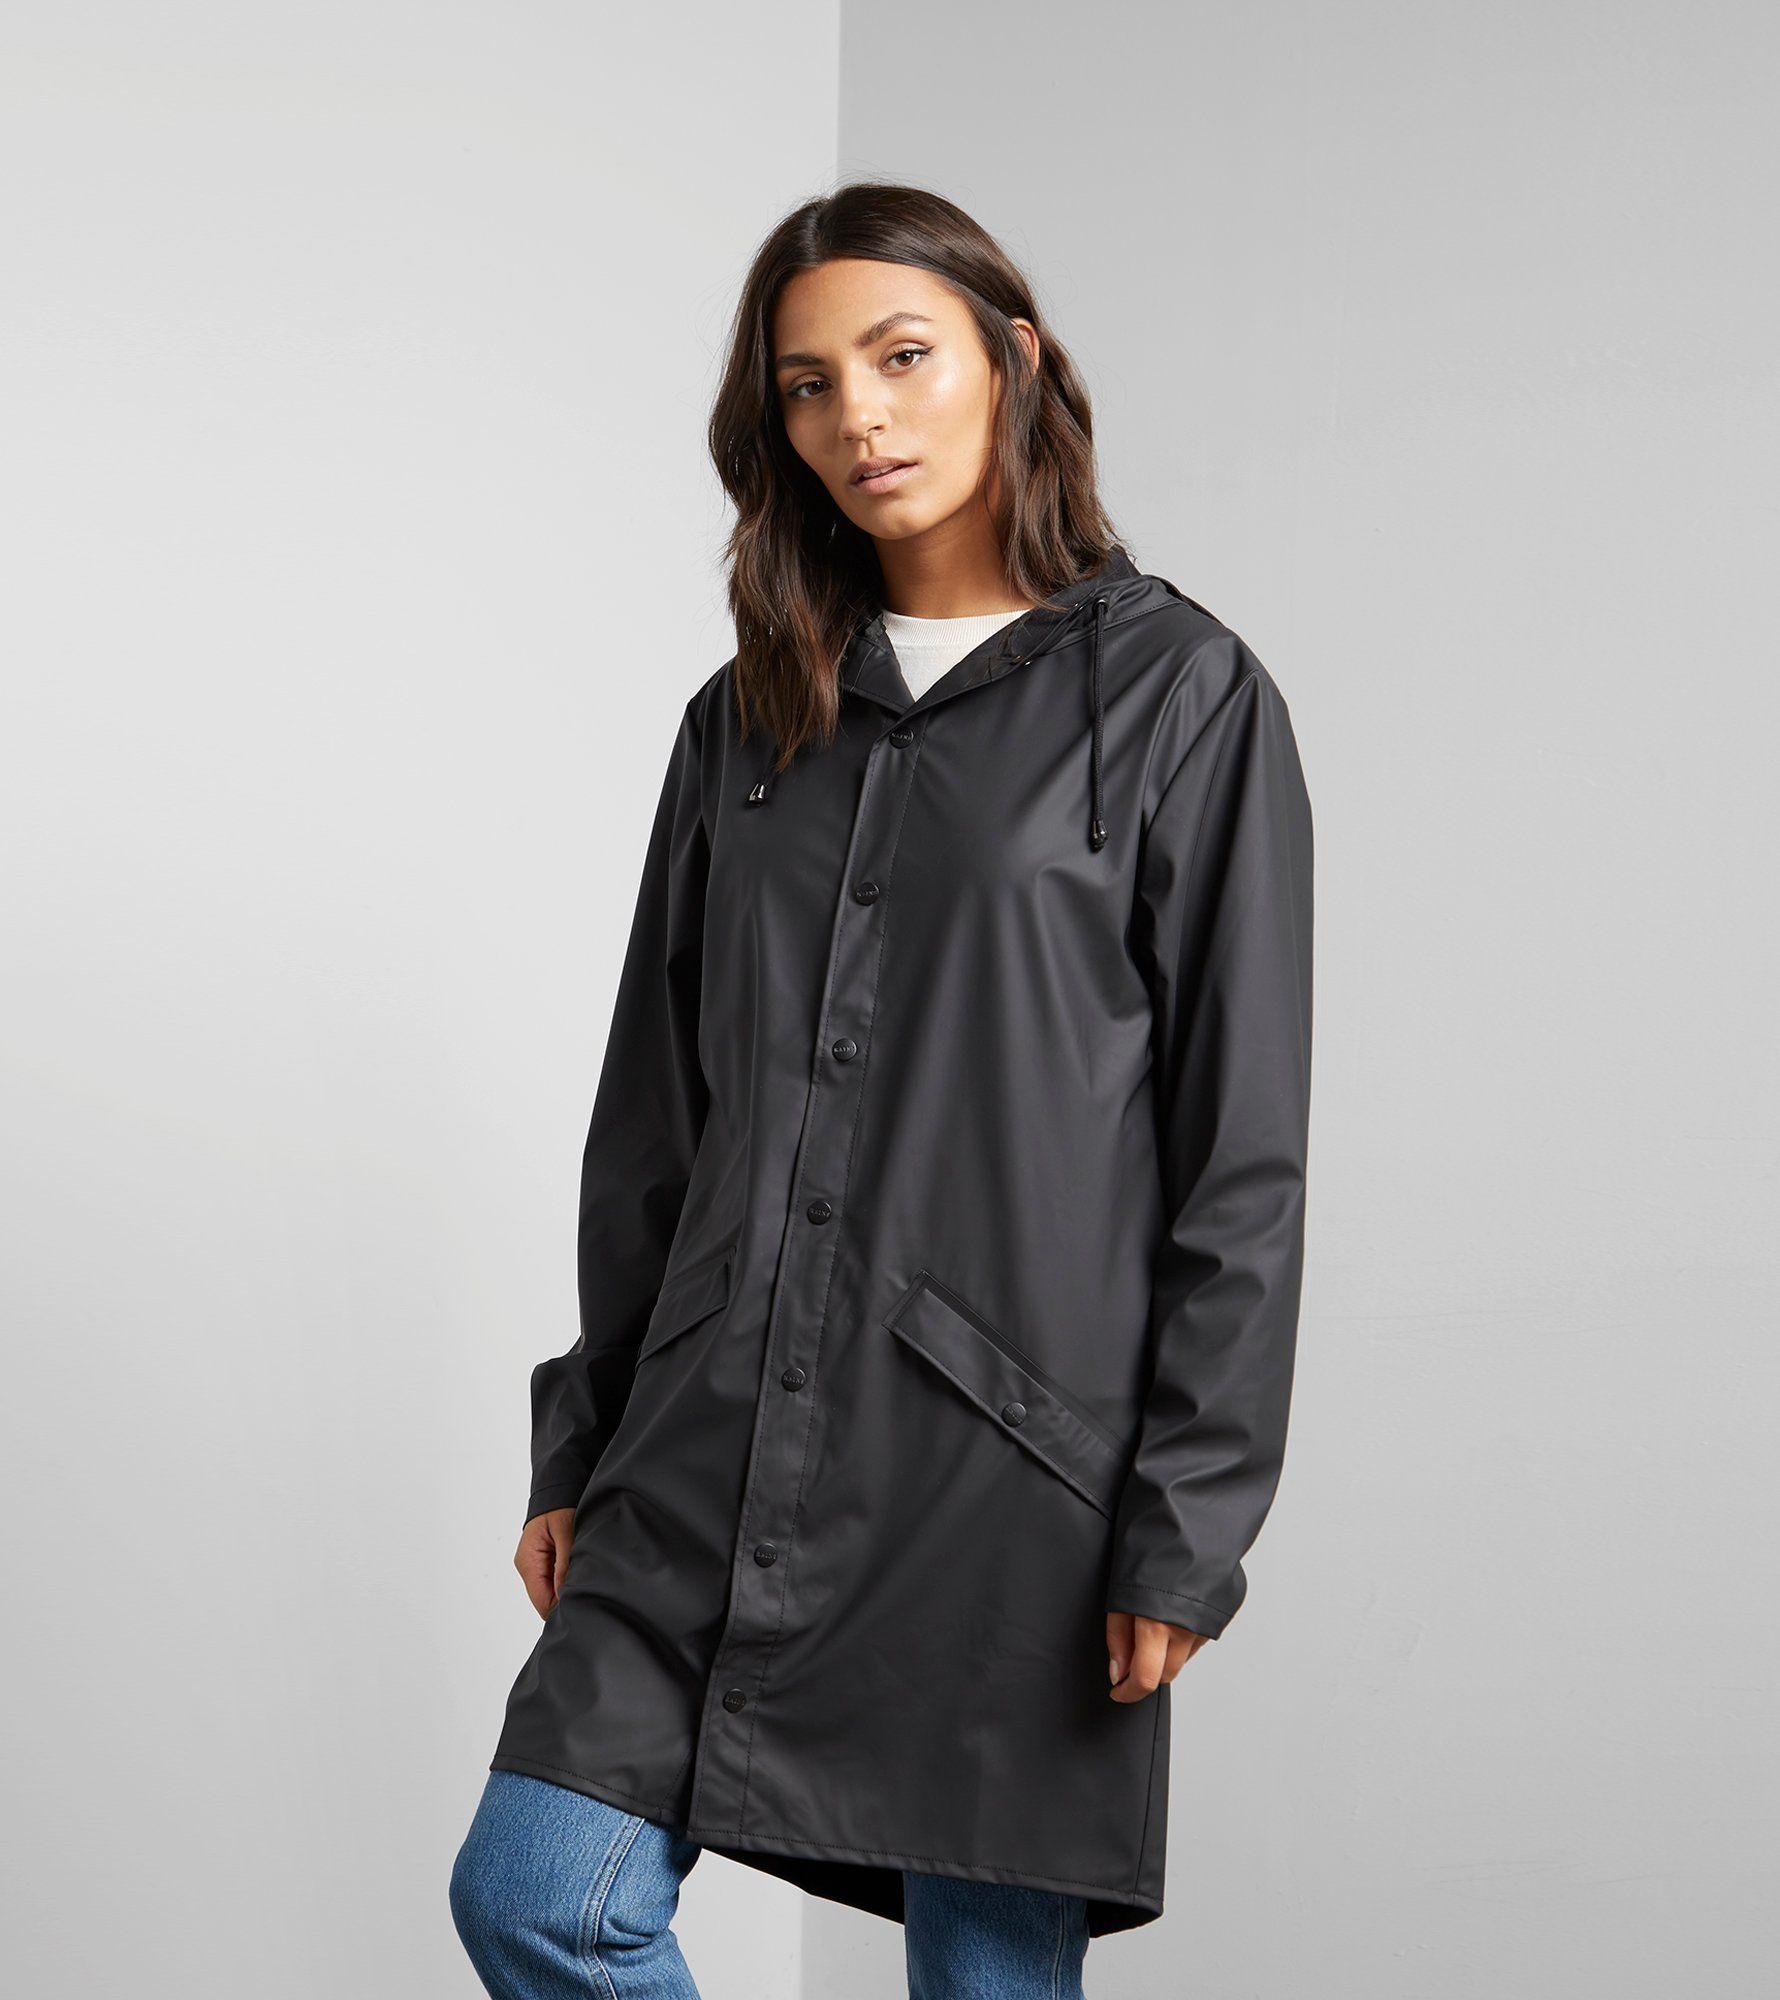 980878a1c RAINS Long Jacket | Size?